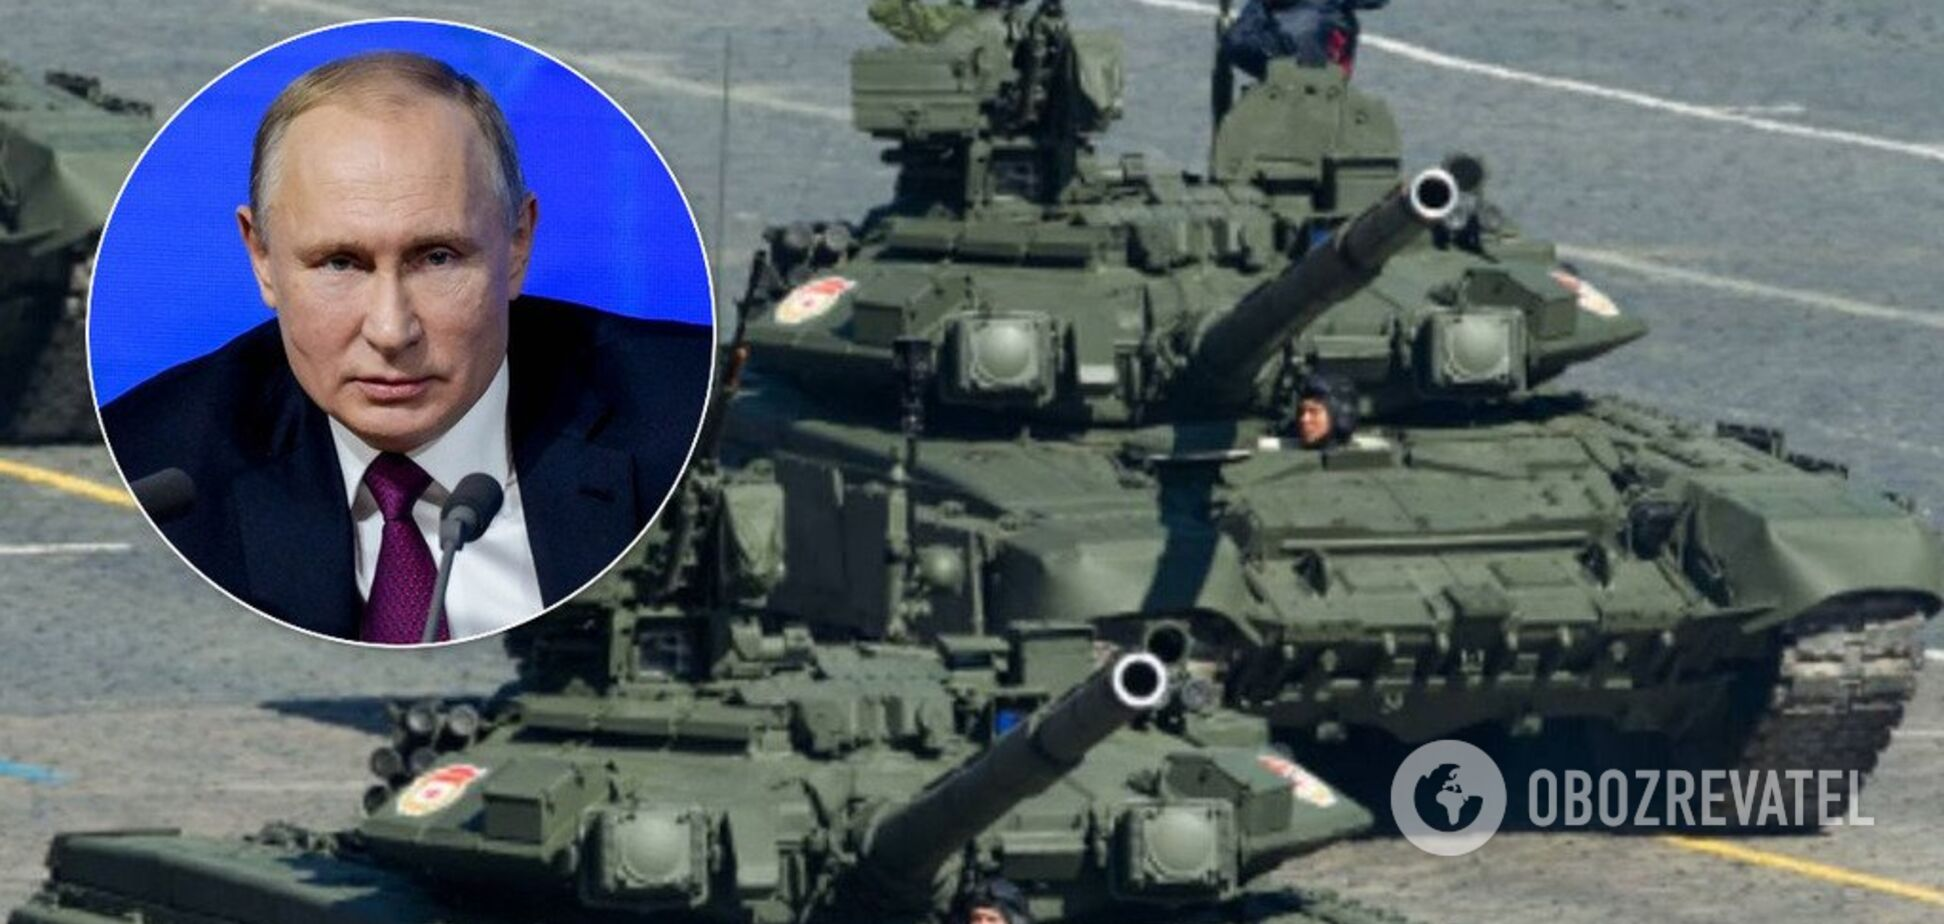 Этот год станет для Путина переломным